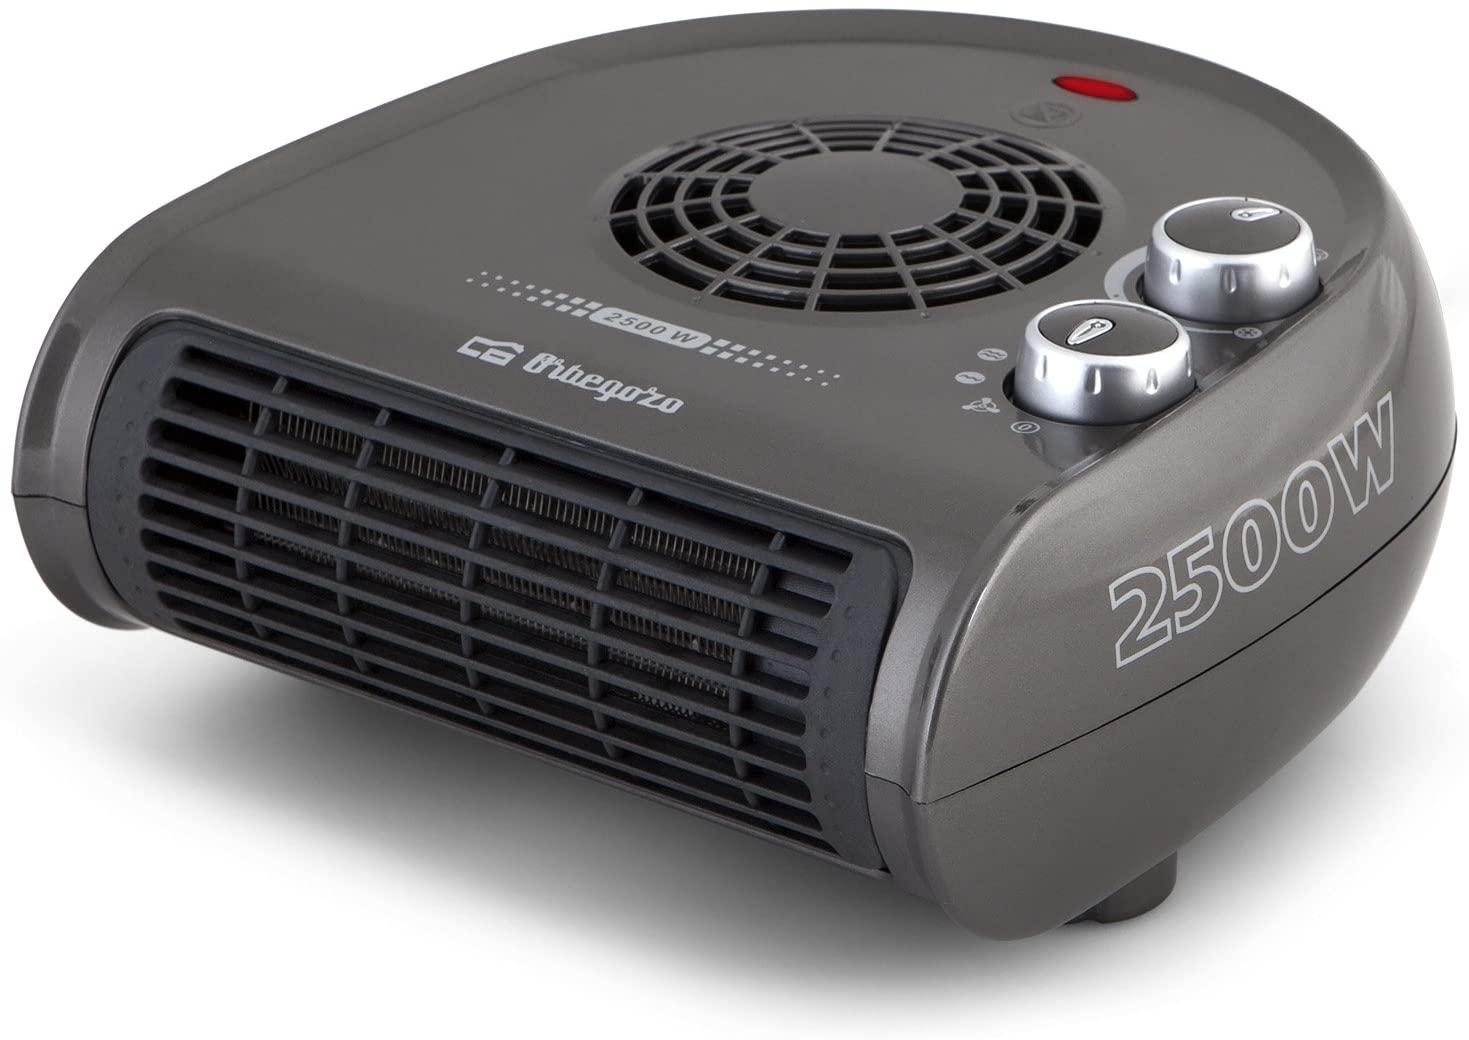 Orbegozo FH 5031 - Calefactor, termostato regulable, 2 niveles de potencia, función ventilador aire frío, calor instantáneo, indicador luminoso, asa de transporte, 2500 W, gris [Clase de eficiencia energética A+]